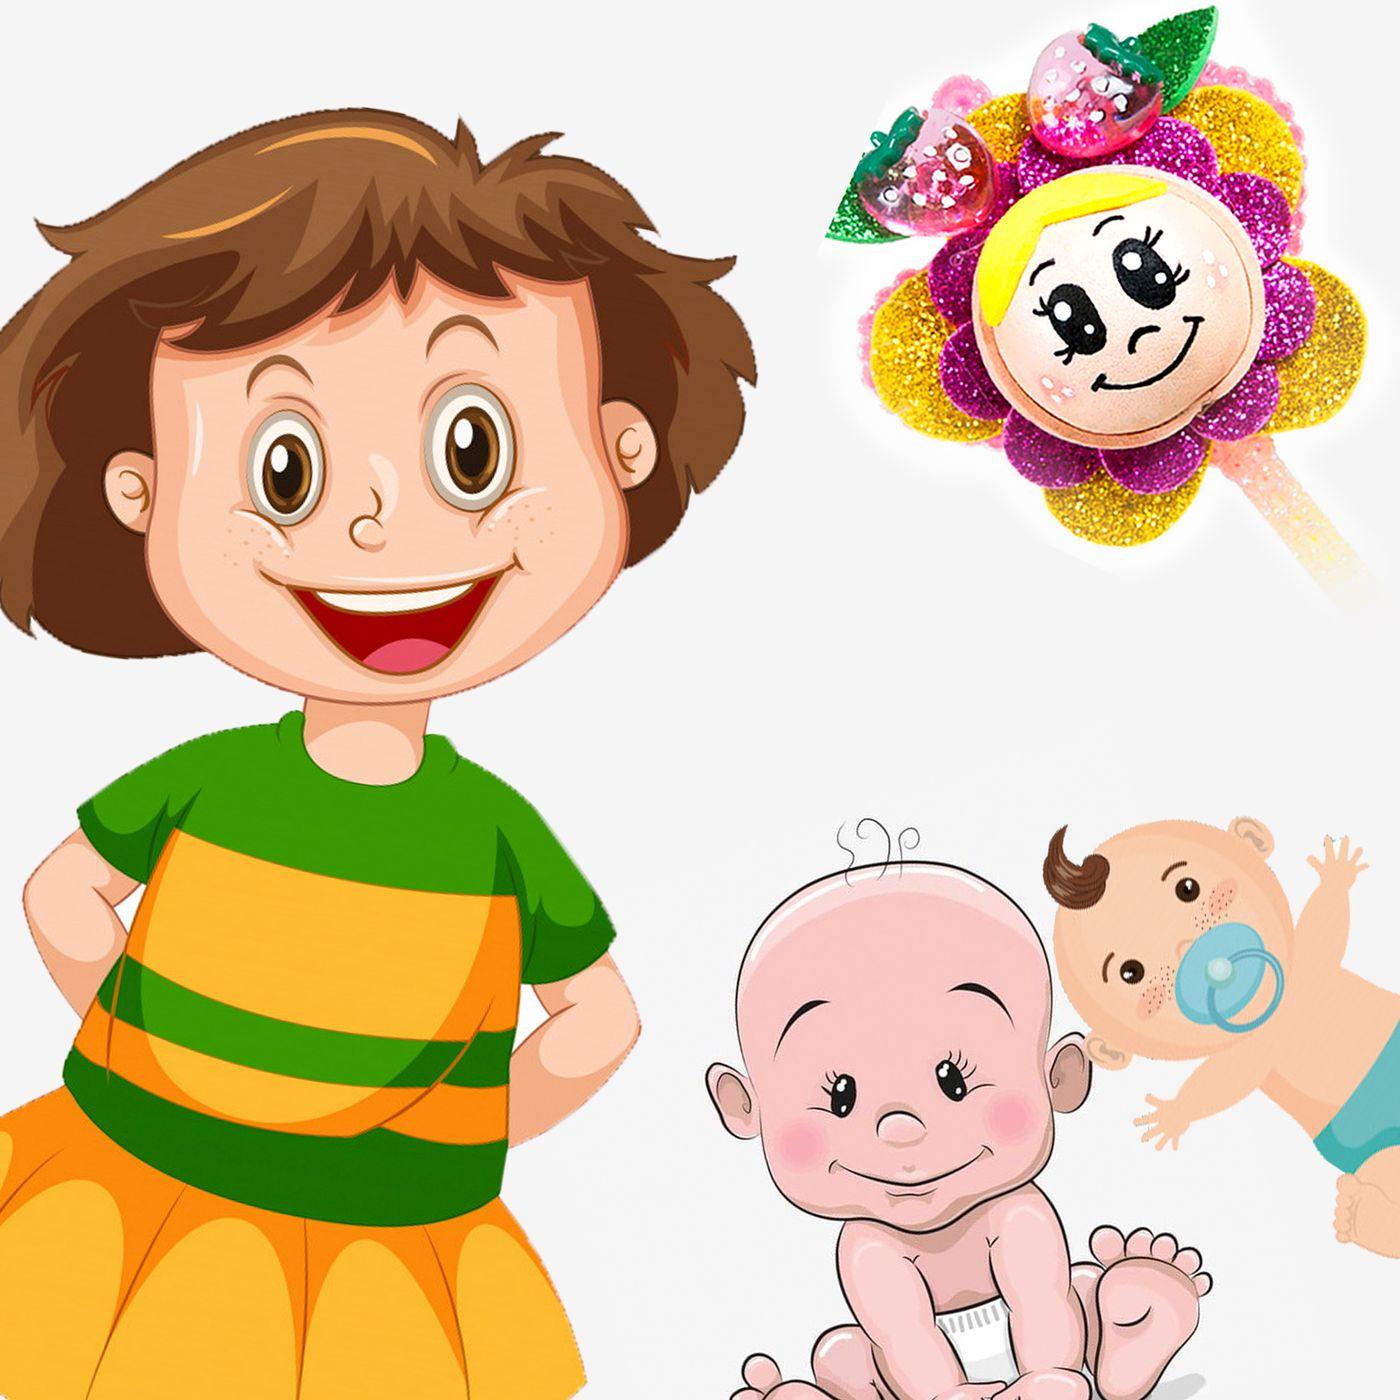 5. Yaiza, la niña que cuidaba bebés. Cuento infantil de empatía y diversidad funcional